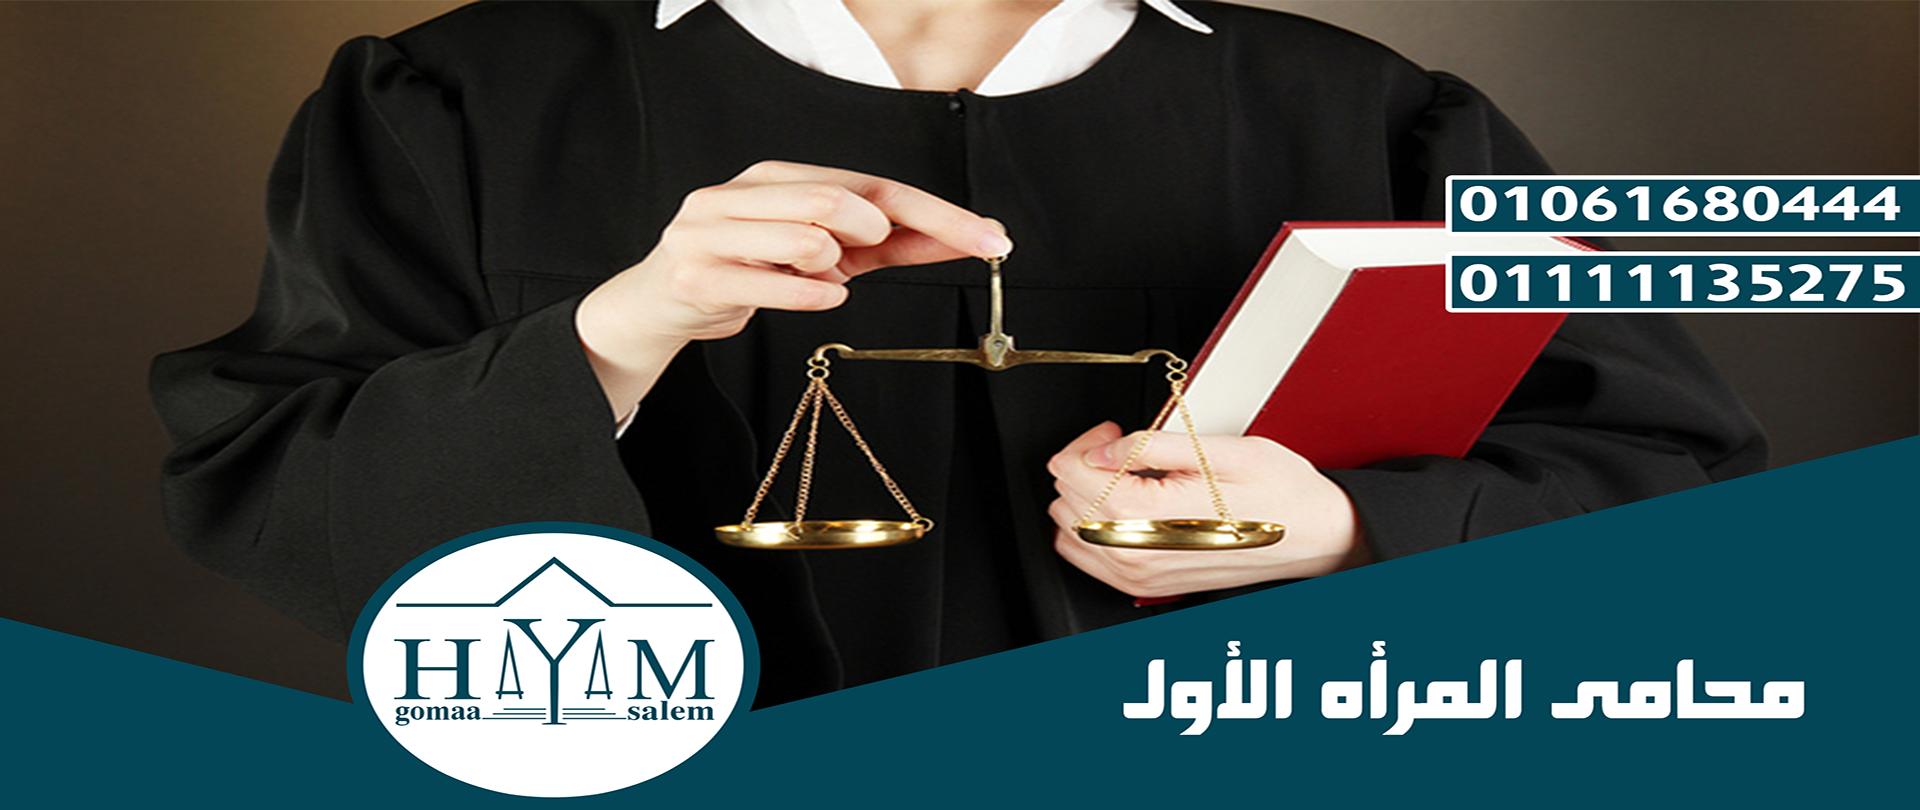 محامى-المرأه-الأول-copy